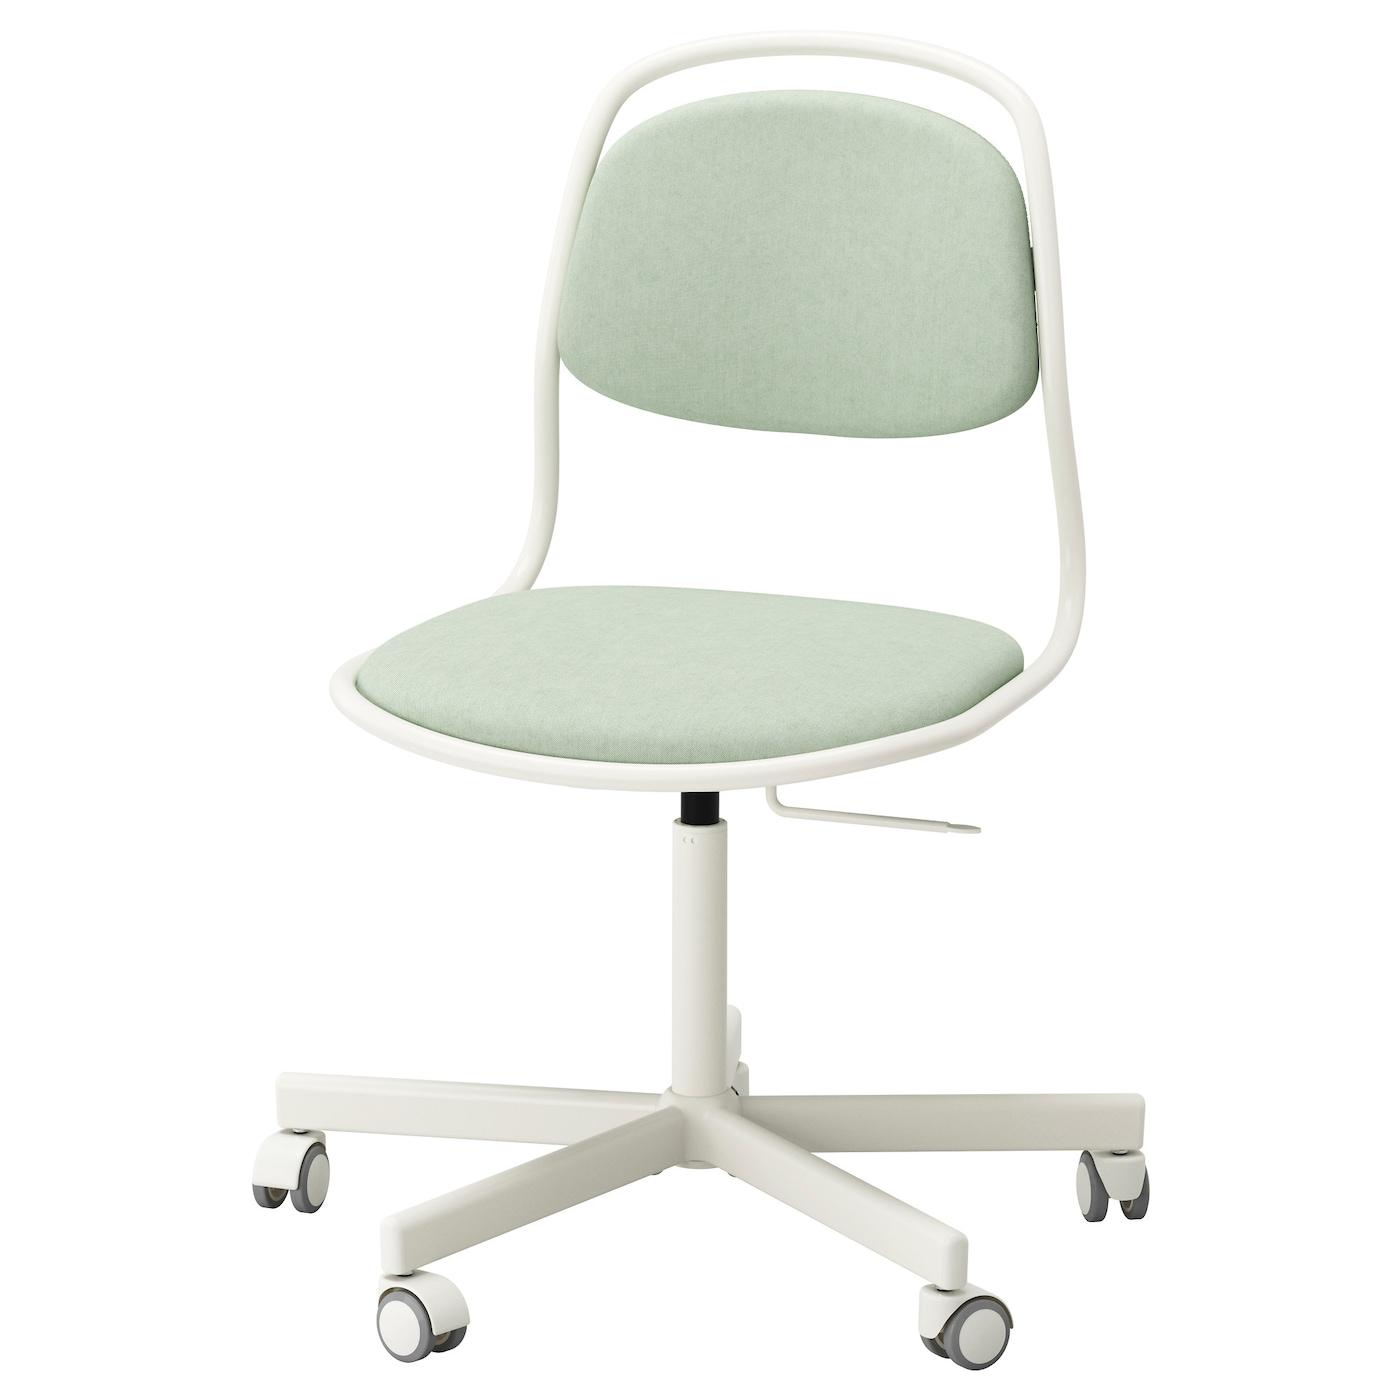 Sillas De Oficina Y Sillas De Trabajo Compra Online Ikea